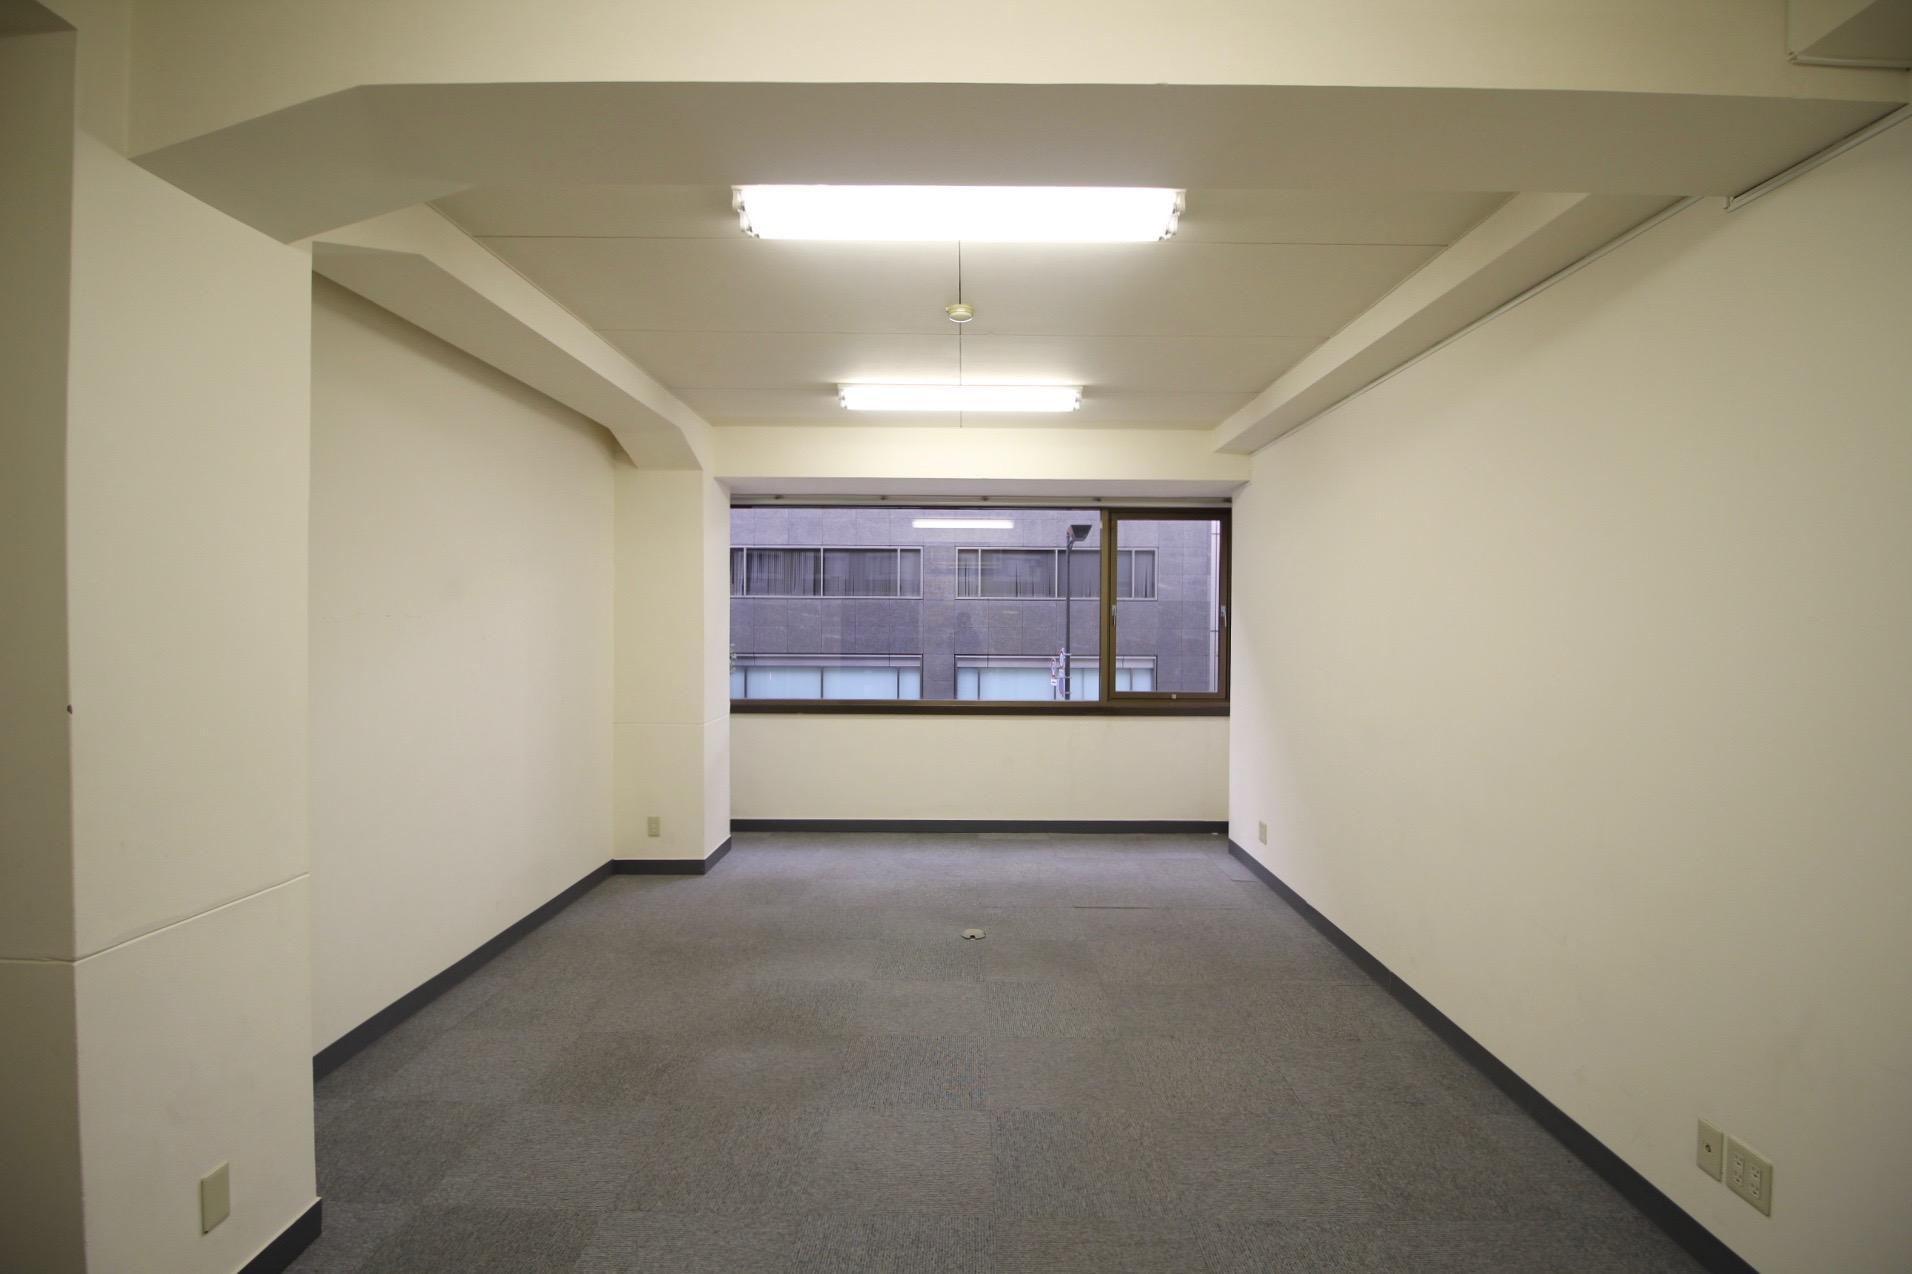 絨毯の敷かれた仕事が捗りそうな事務所仕様